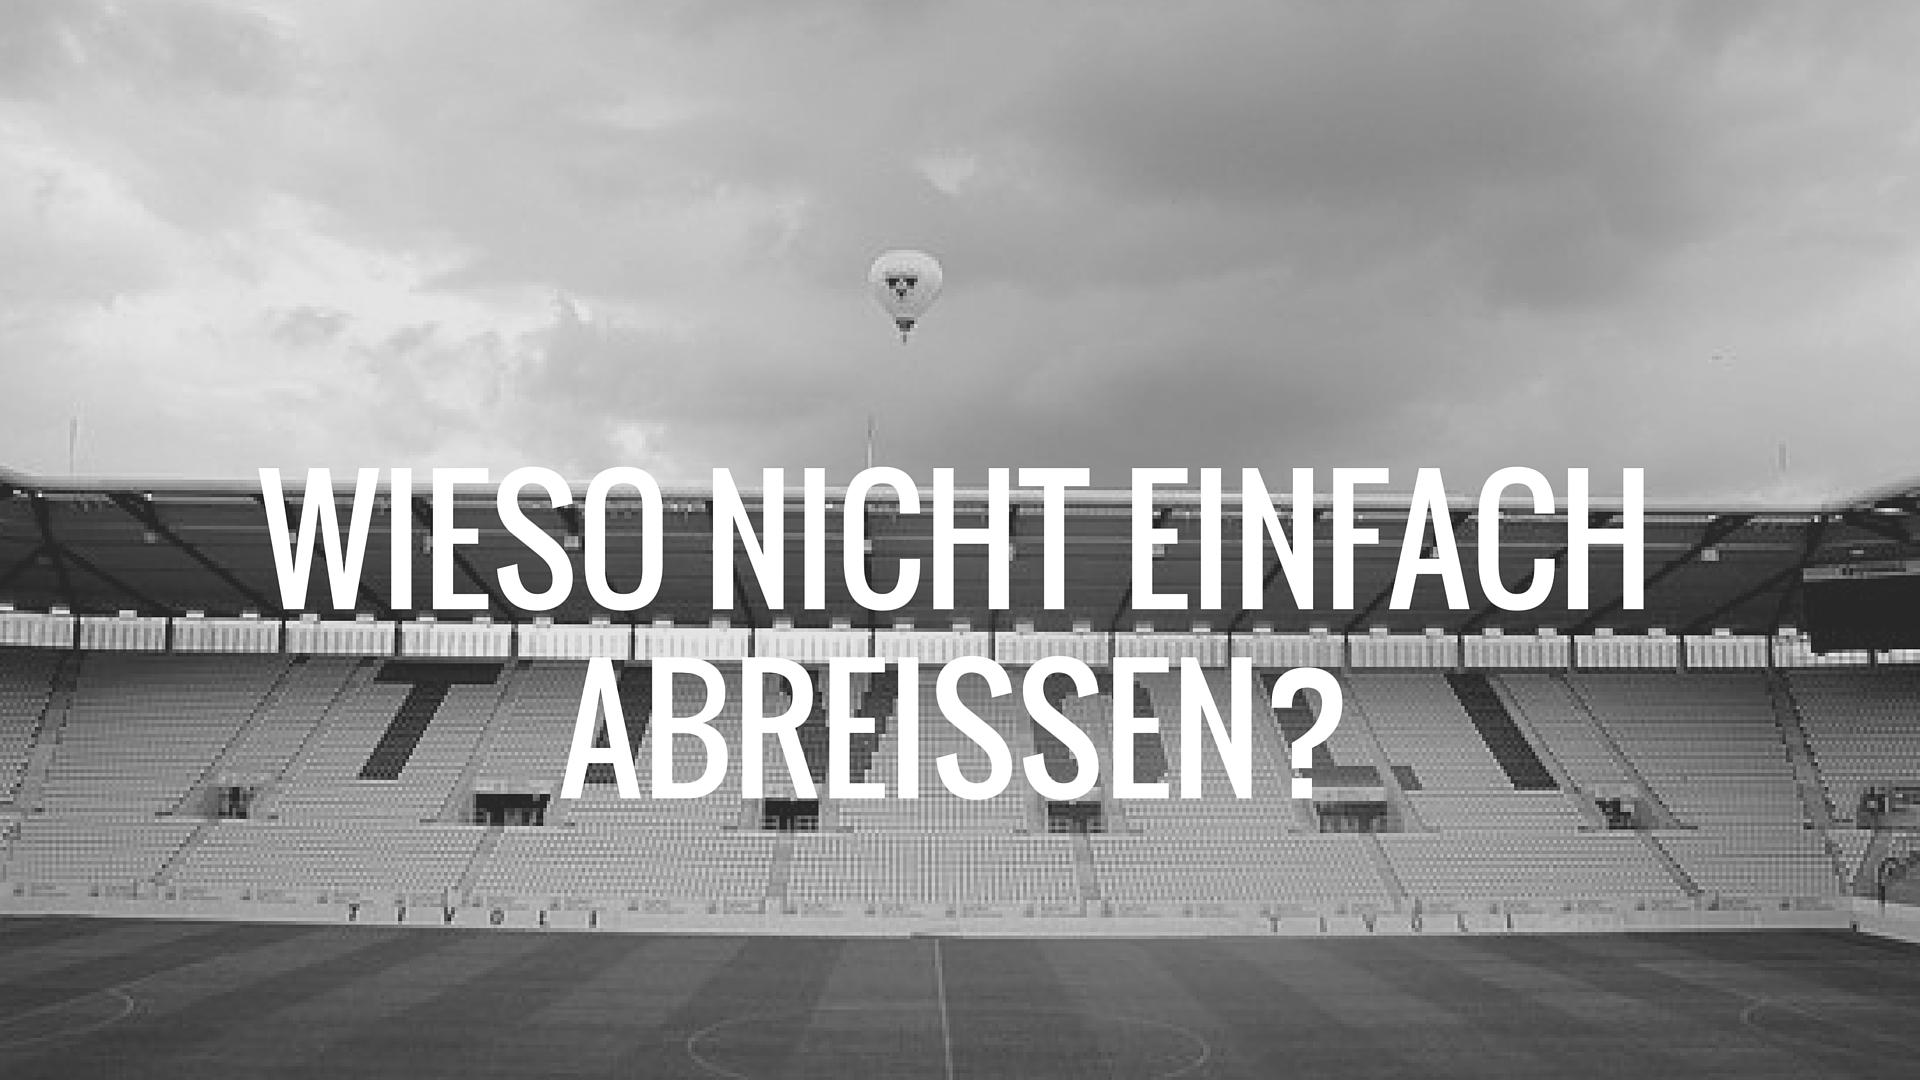 Tivoli, Aachen, Alemannia, Stadion, Fußball